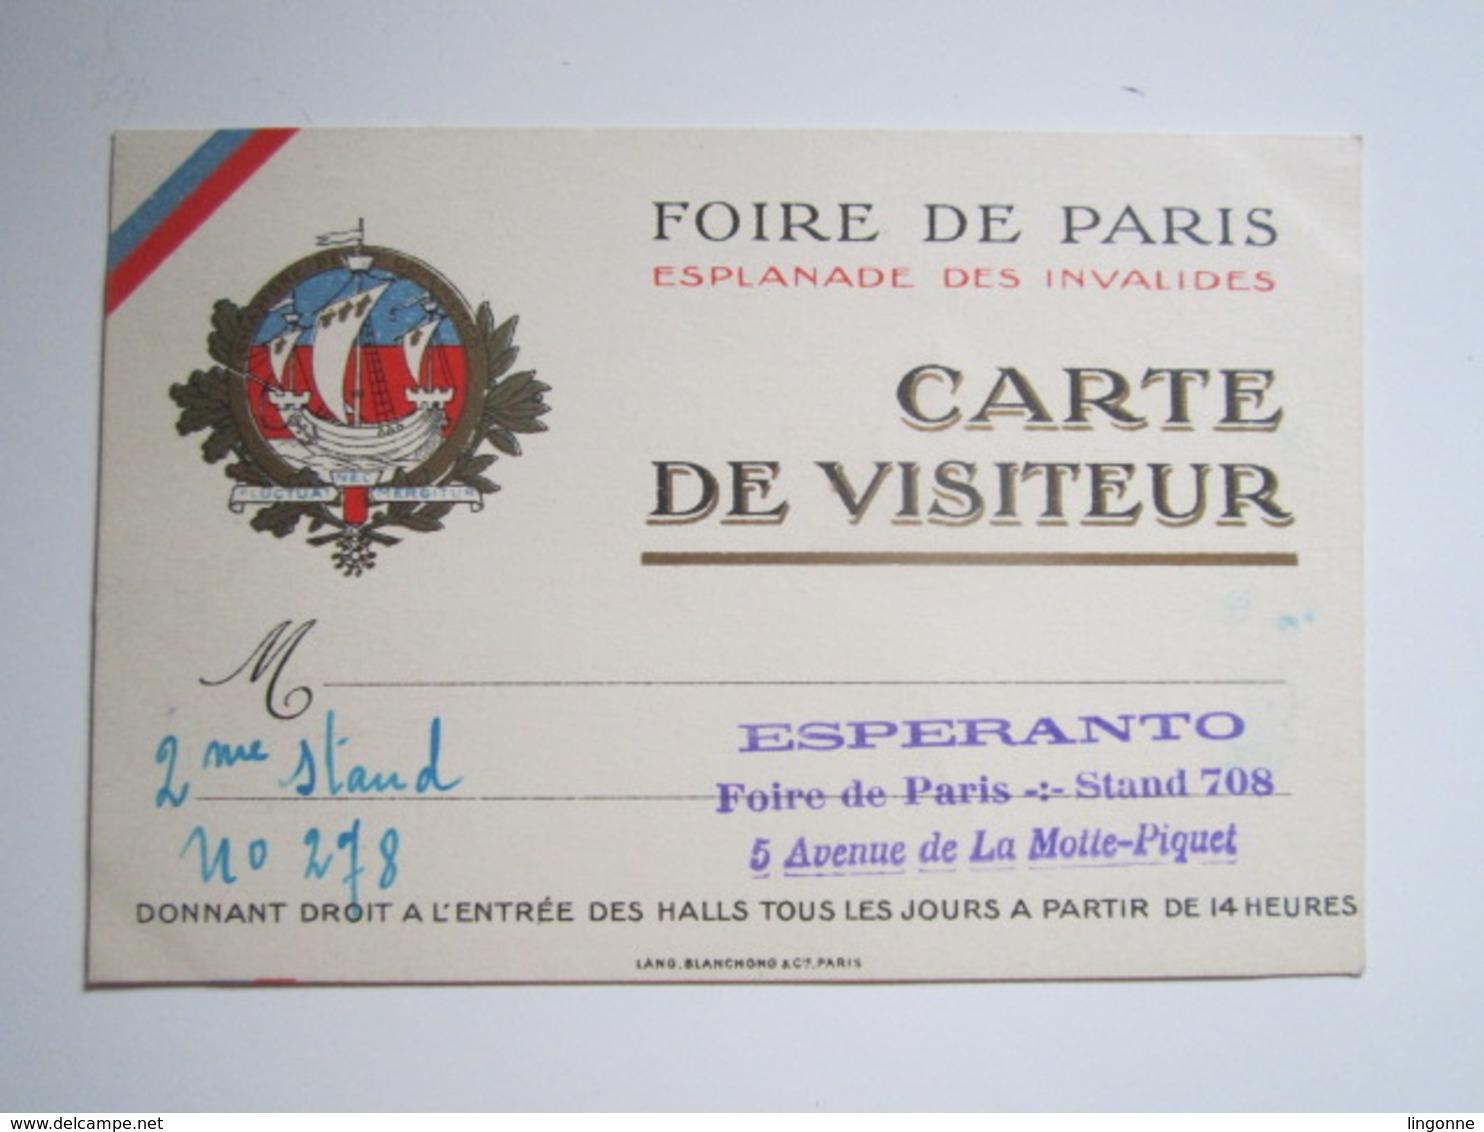 FOIRE DE PARIS Esplanade Des Invalides CARTE DE VISITEUR Oblitération ESPERANTO Stand 708 - Esperanto